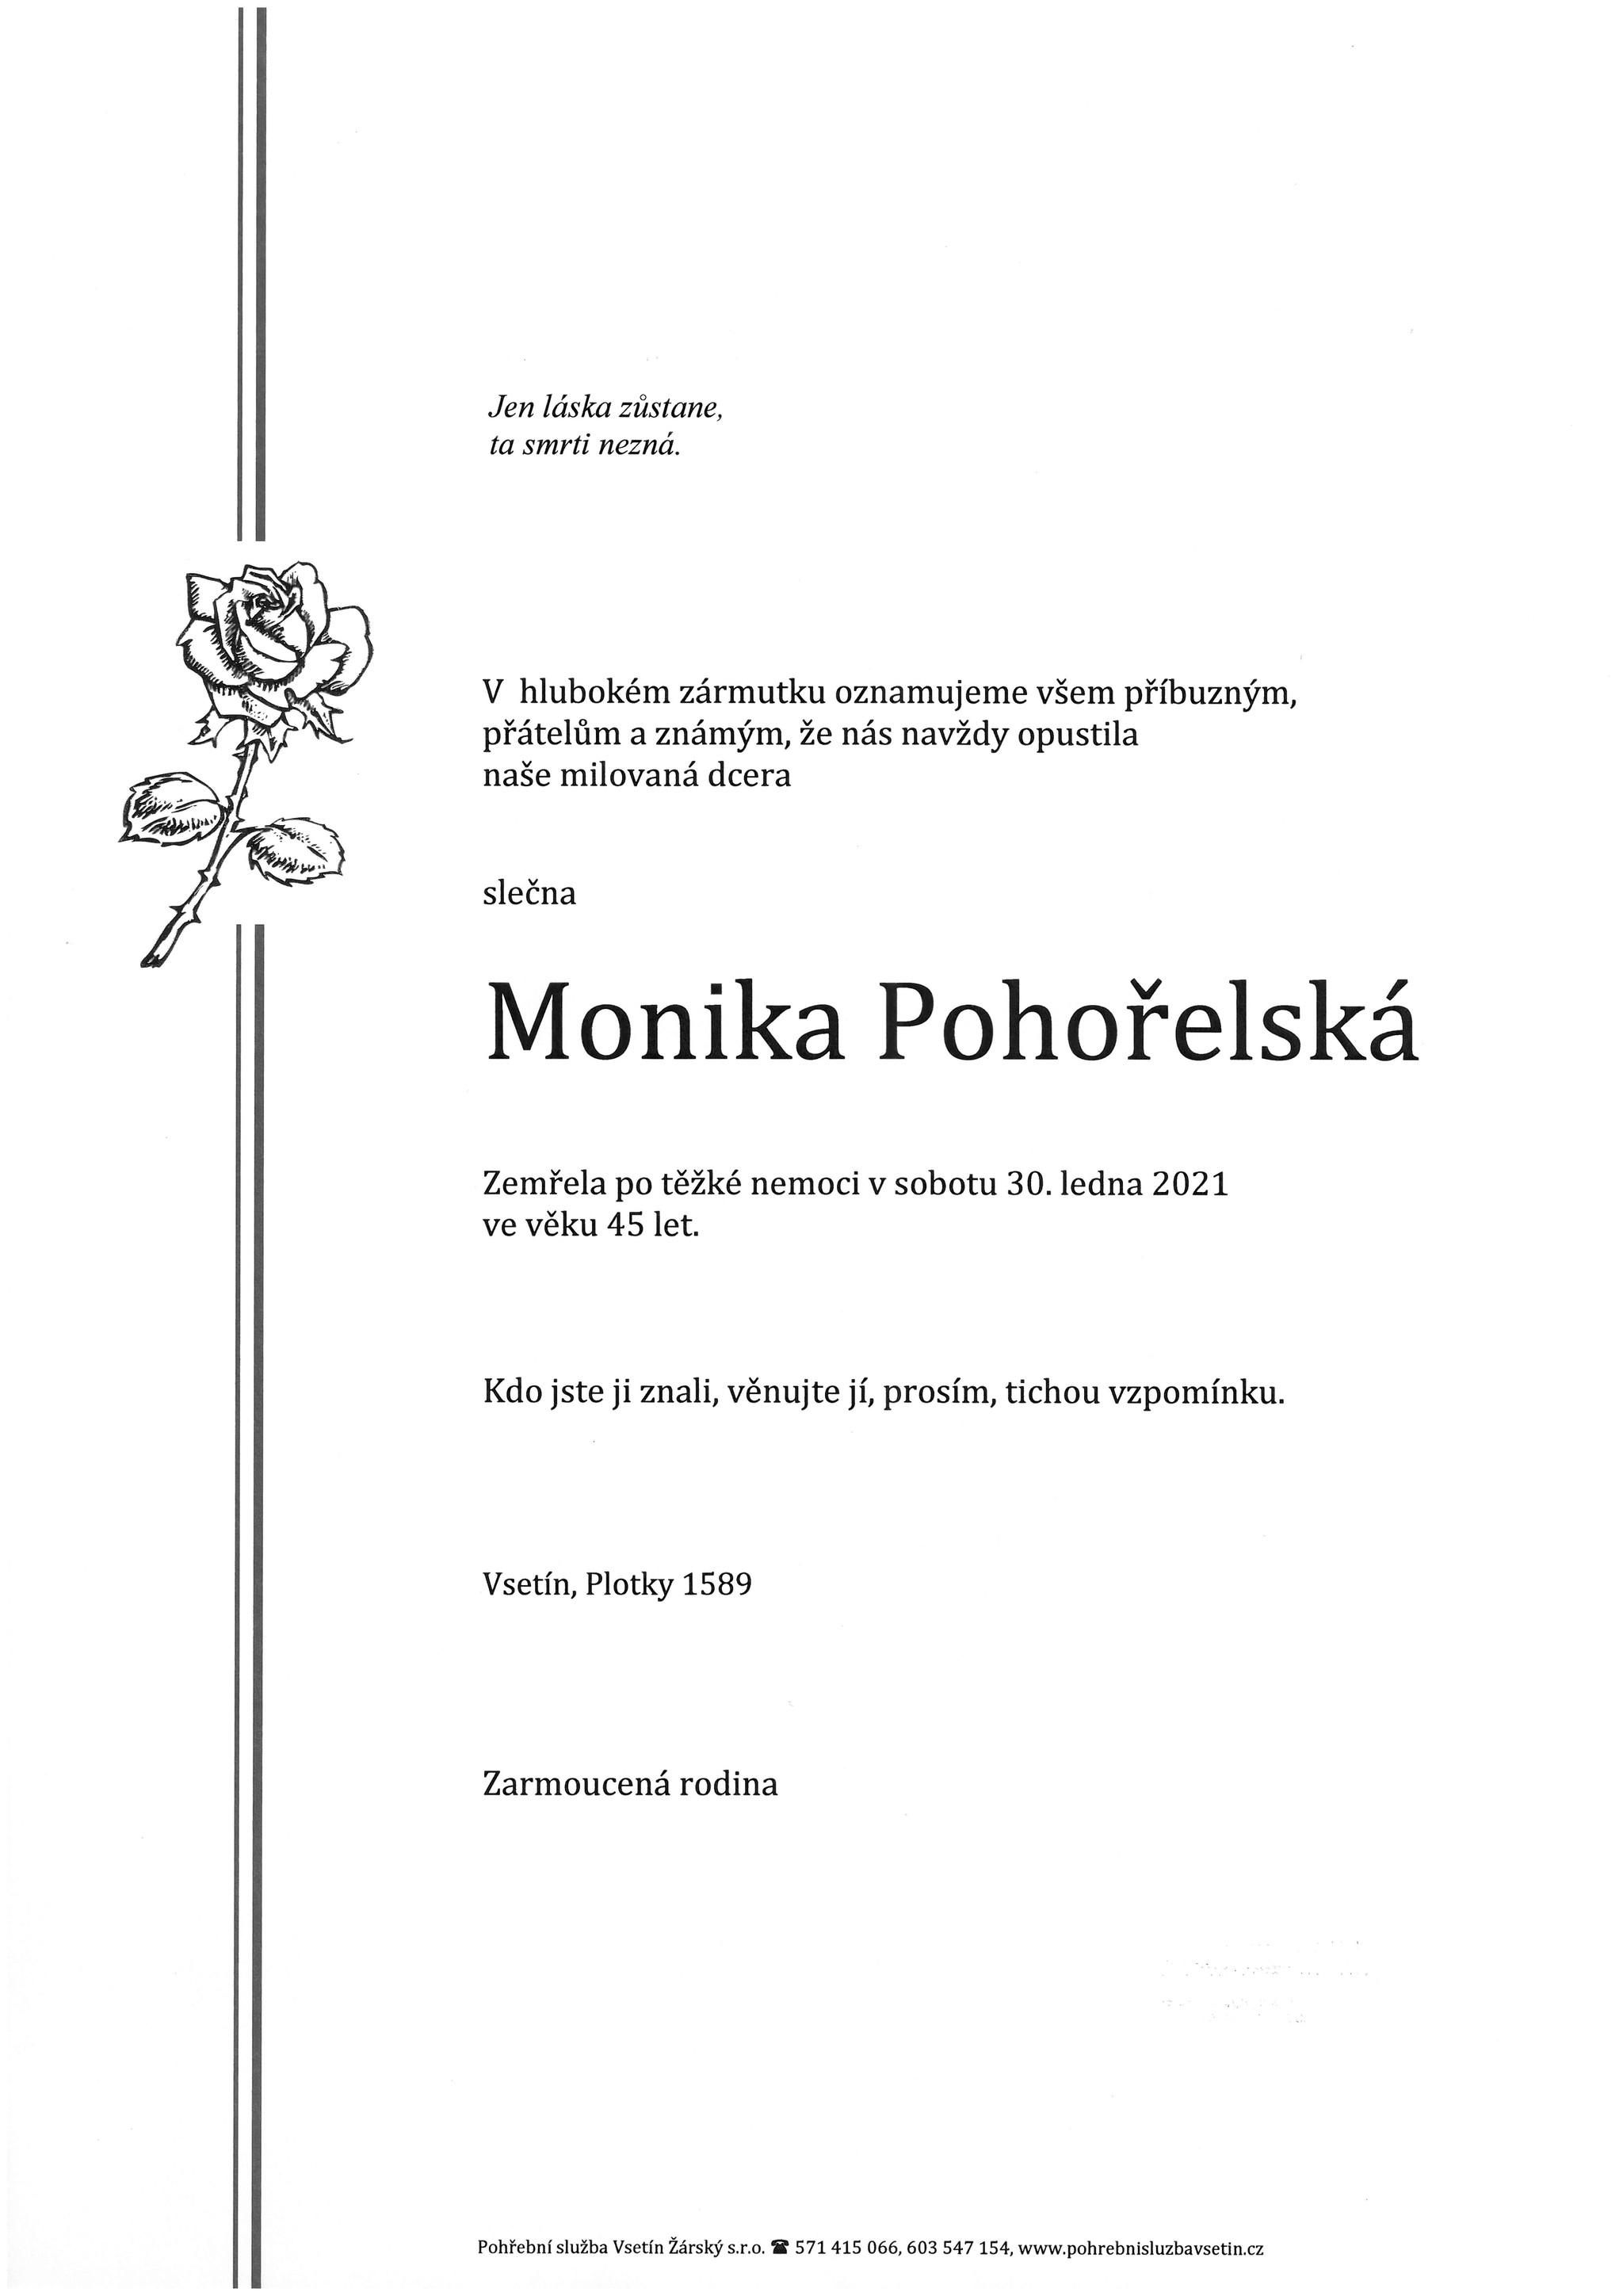 Monika Pohořelská